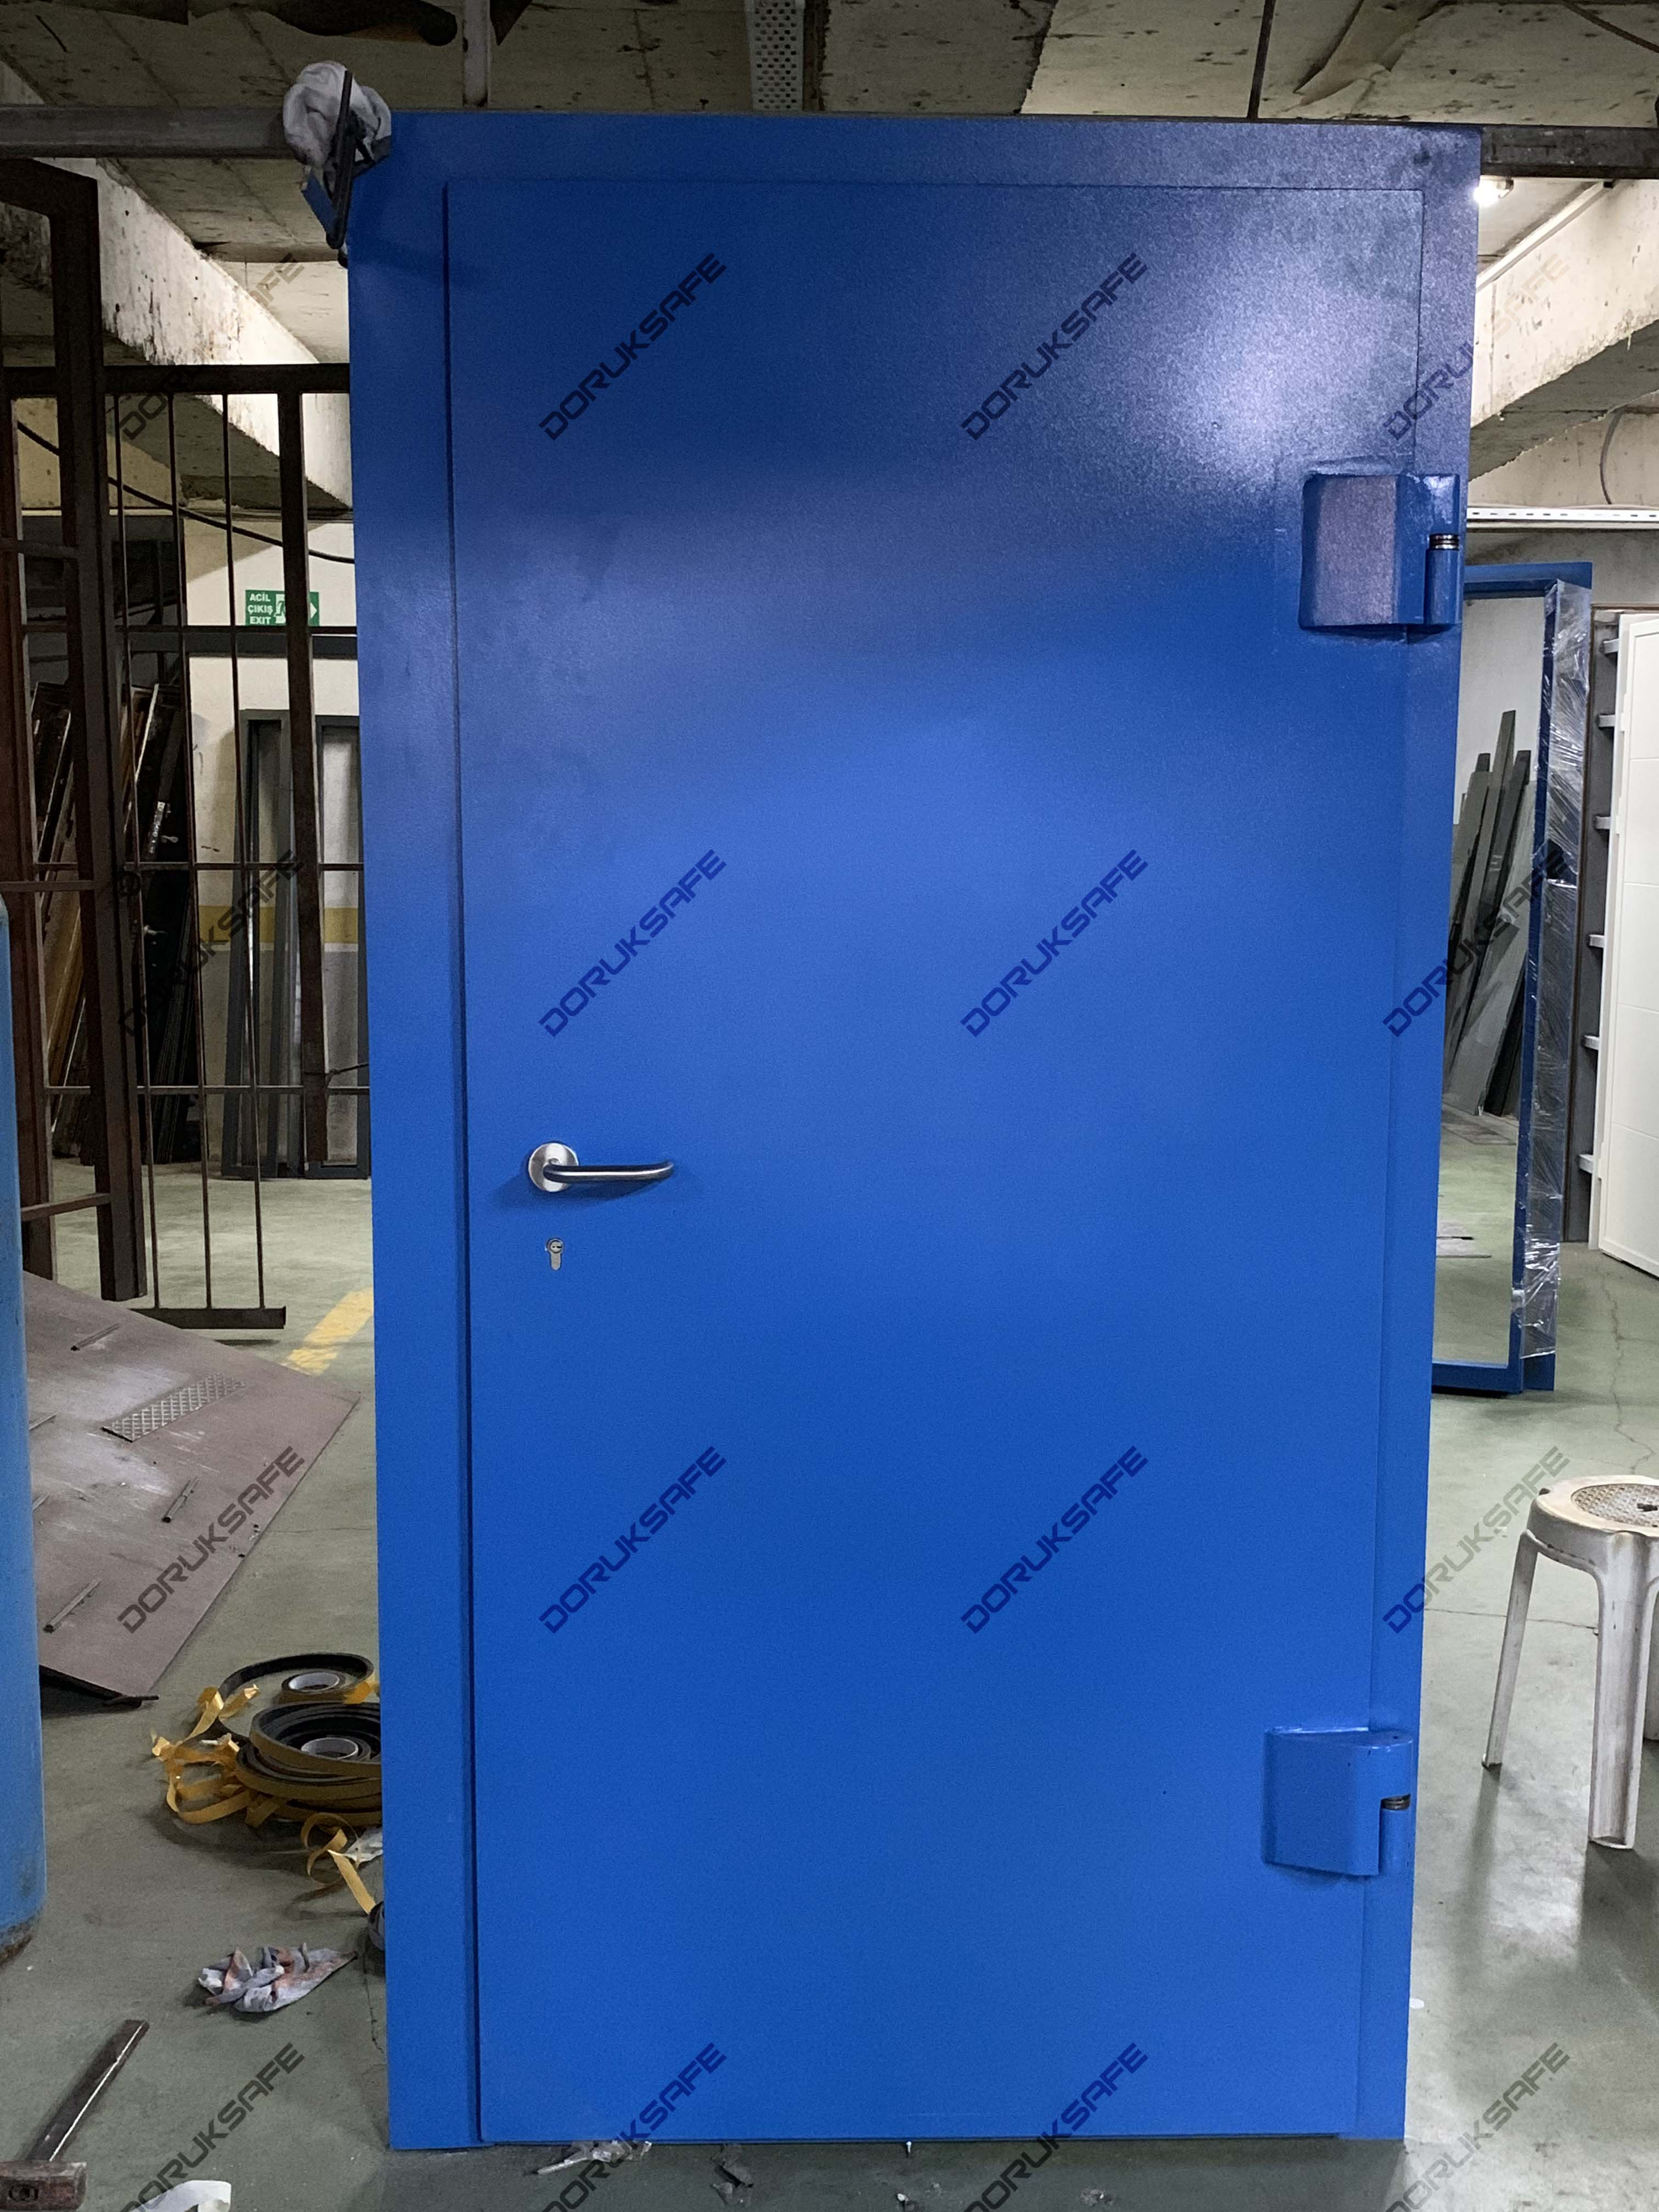 WHAT IS BULLET PROOF DOOR?